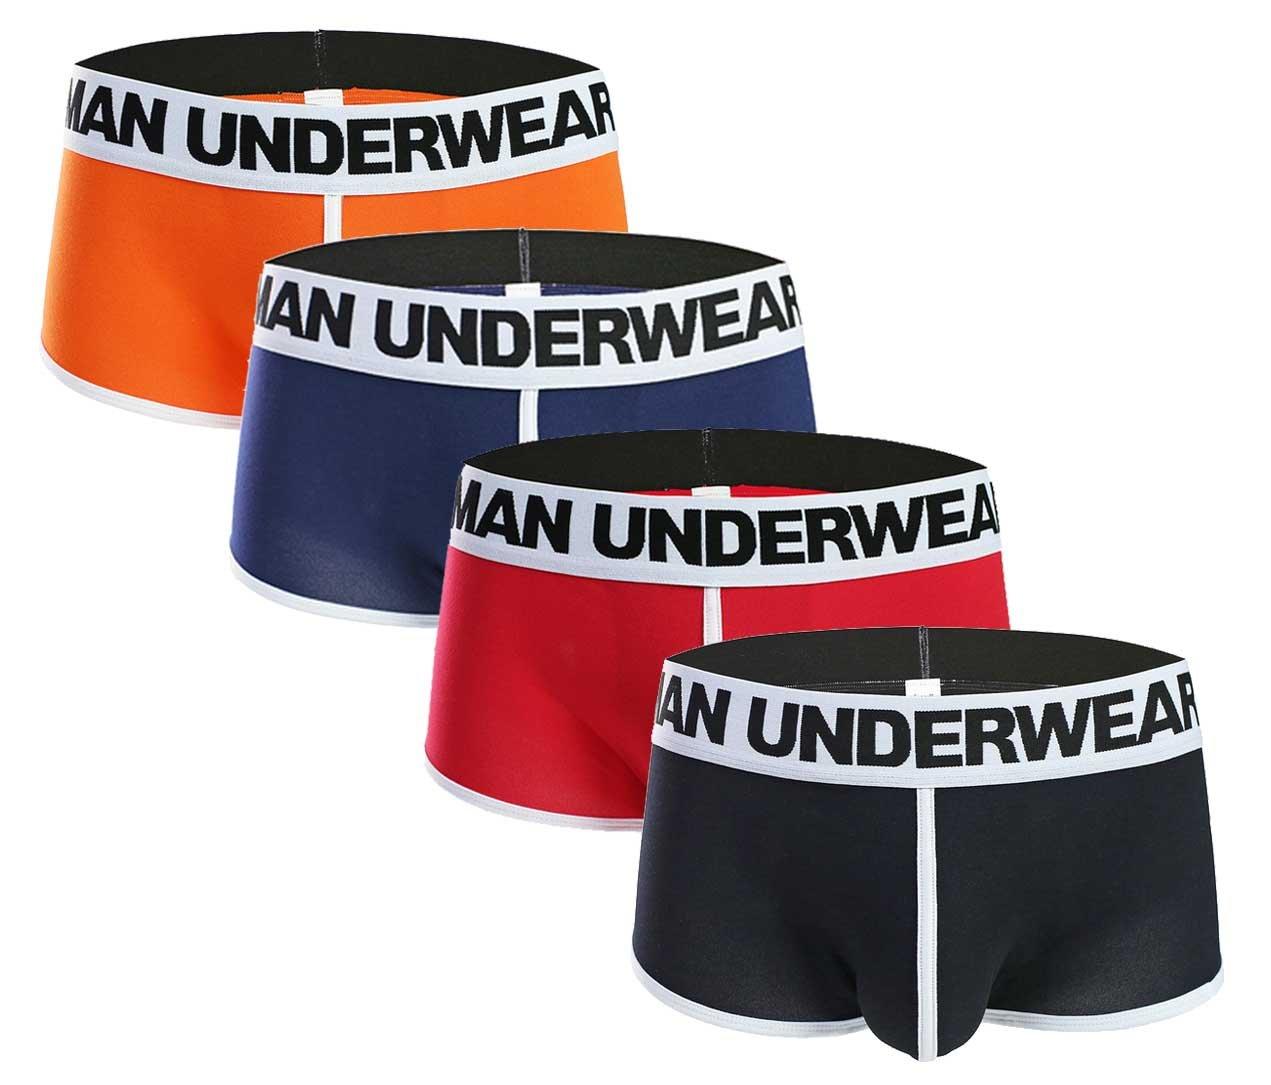 Seaoeey Men's 4 Pack Underwear Classic Fashion Underwear Red-Black-Sapphire-Orange Large